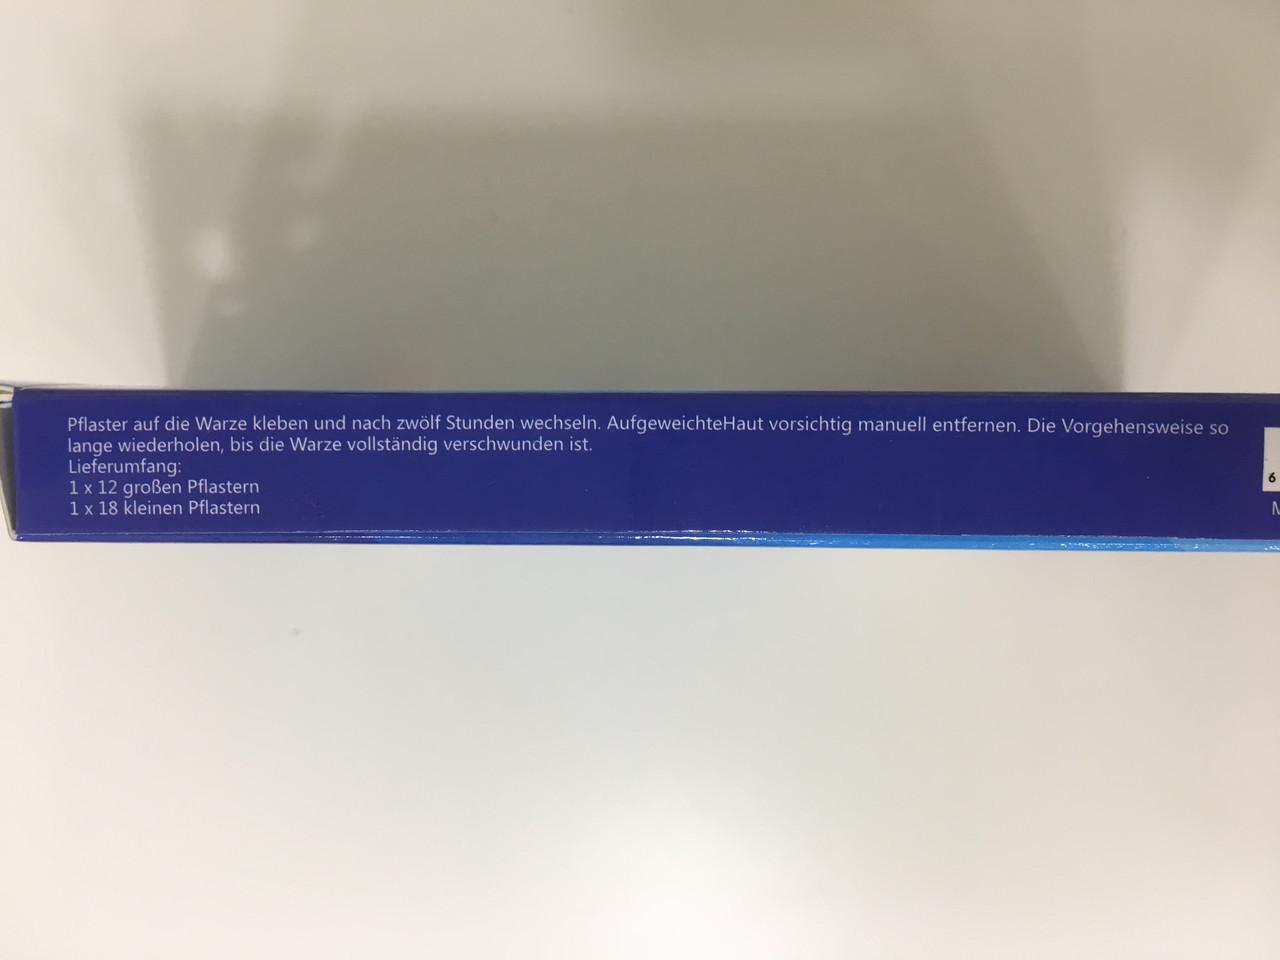 VORHAUT - Definiția și sinonimele Vorhaut în dicționarul Germană